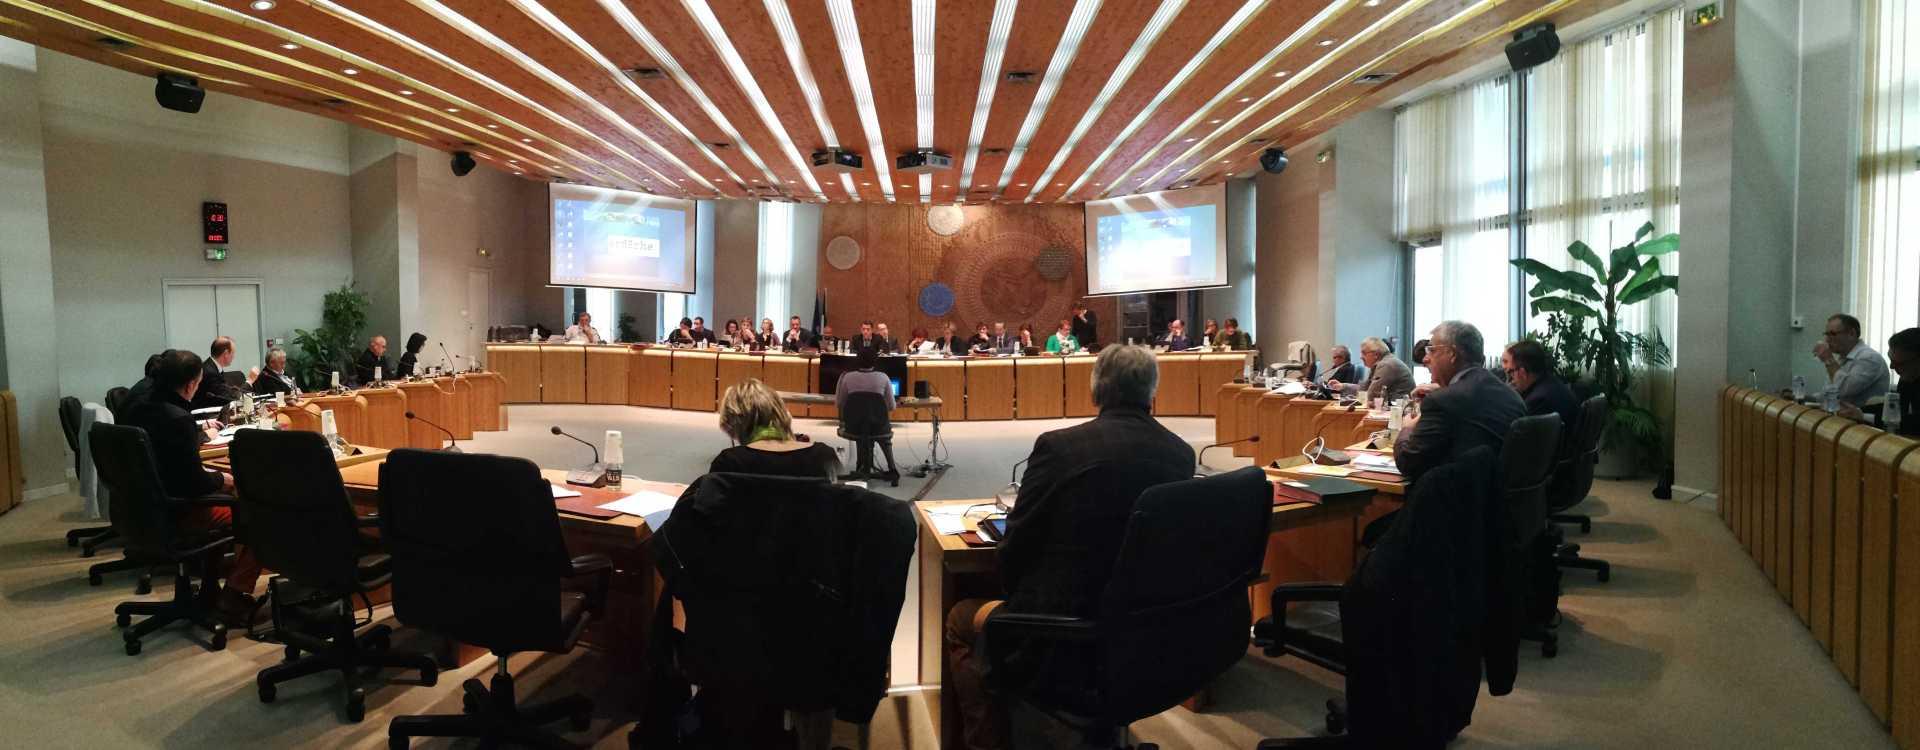 Décision modificative n°3 : Motion déposée par le Président du Conseil départemental au nom de l'Assemblée départementale suite aux mouvements sociaux